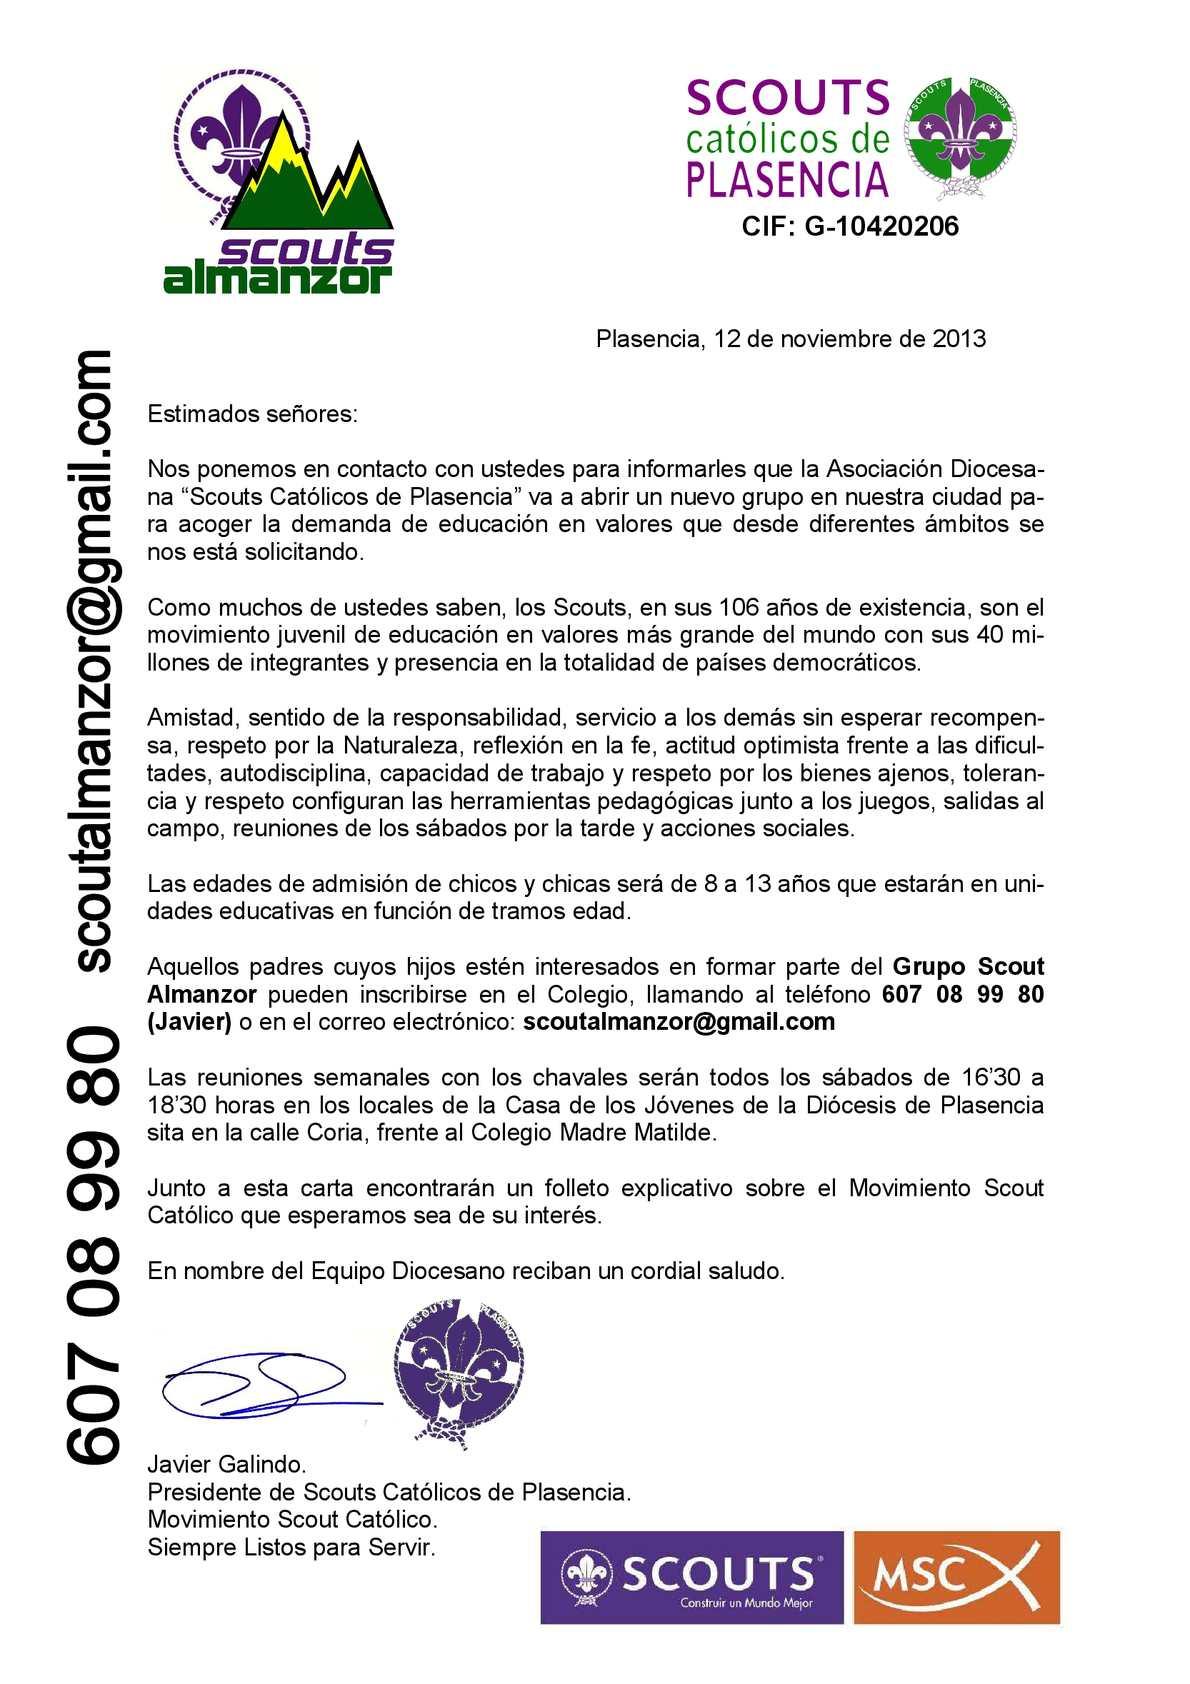 Calaméo - CARTA CIRCULAR PRESENTACIÓN SCOUTS ALMANZOR